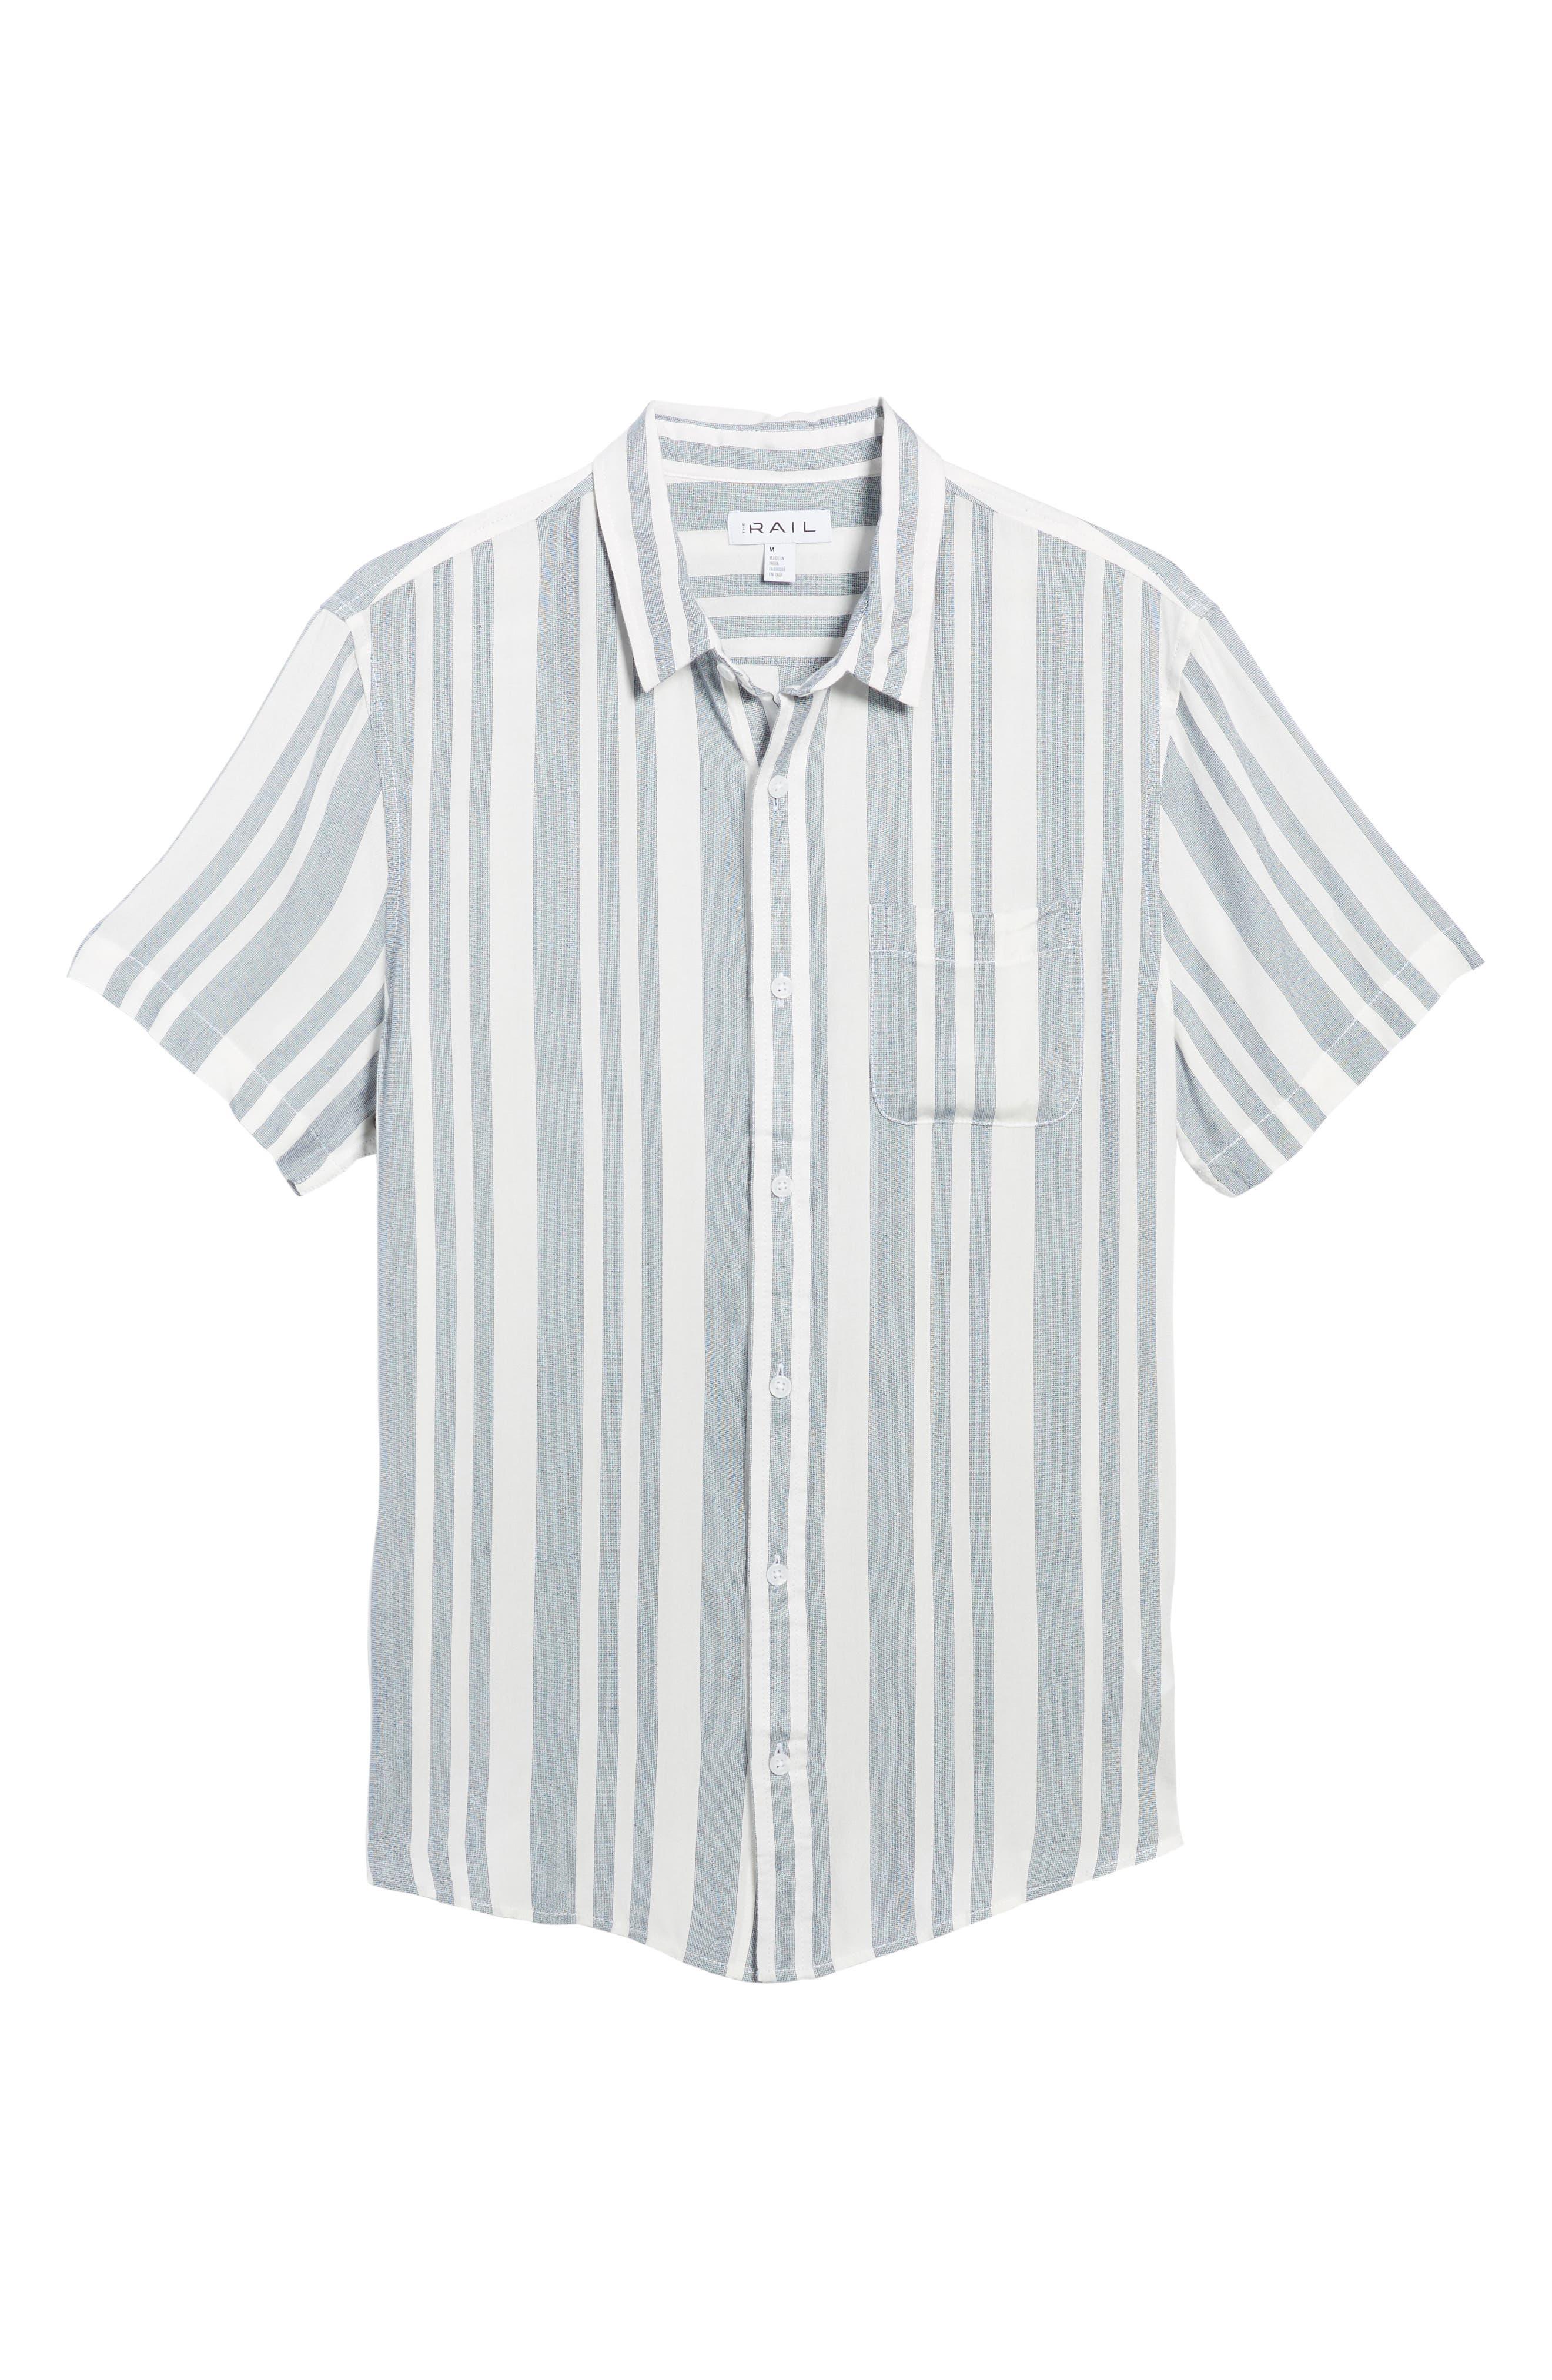 Stripe Woven Shirt,                             Alternate thumbnail 6, color,                             Navy White Eoe Stripe